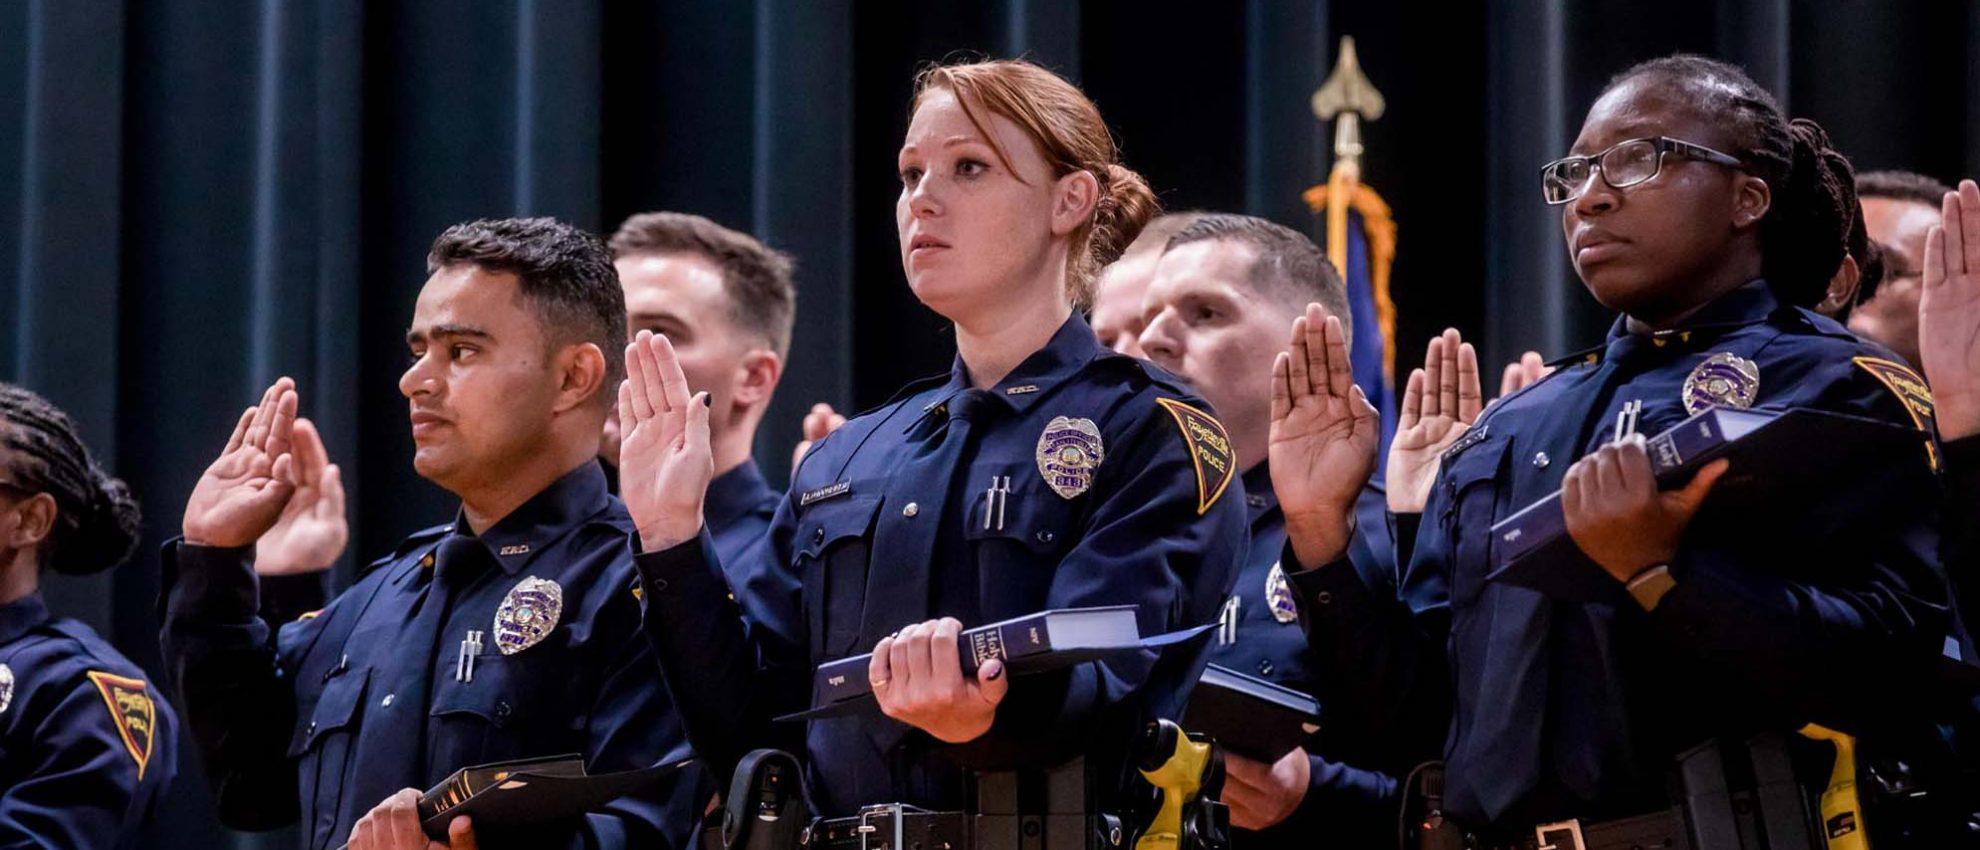 Fayetteville Police Foundation